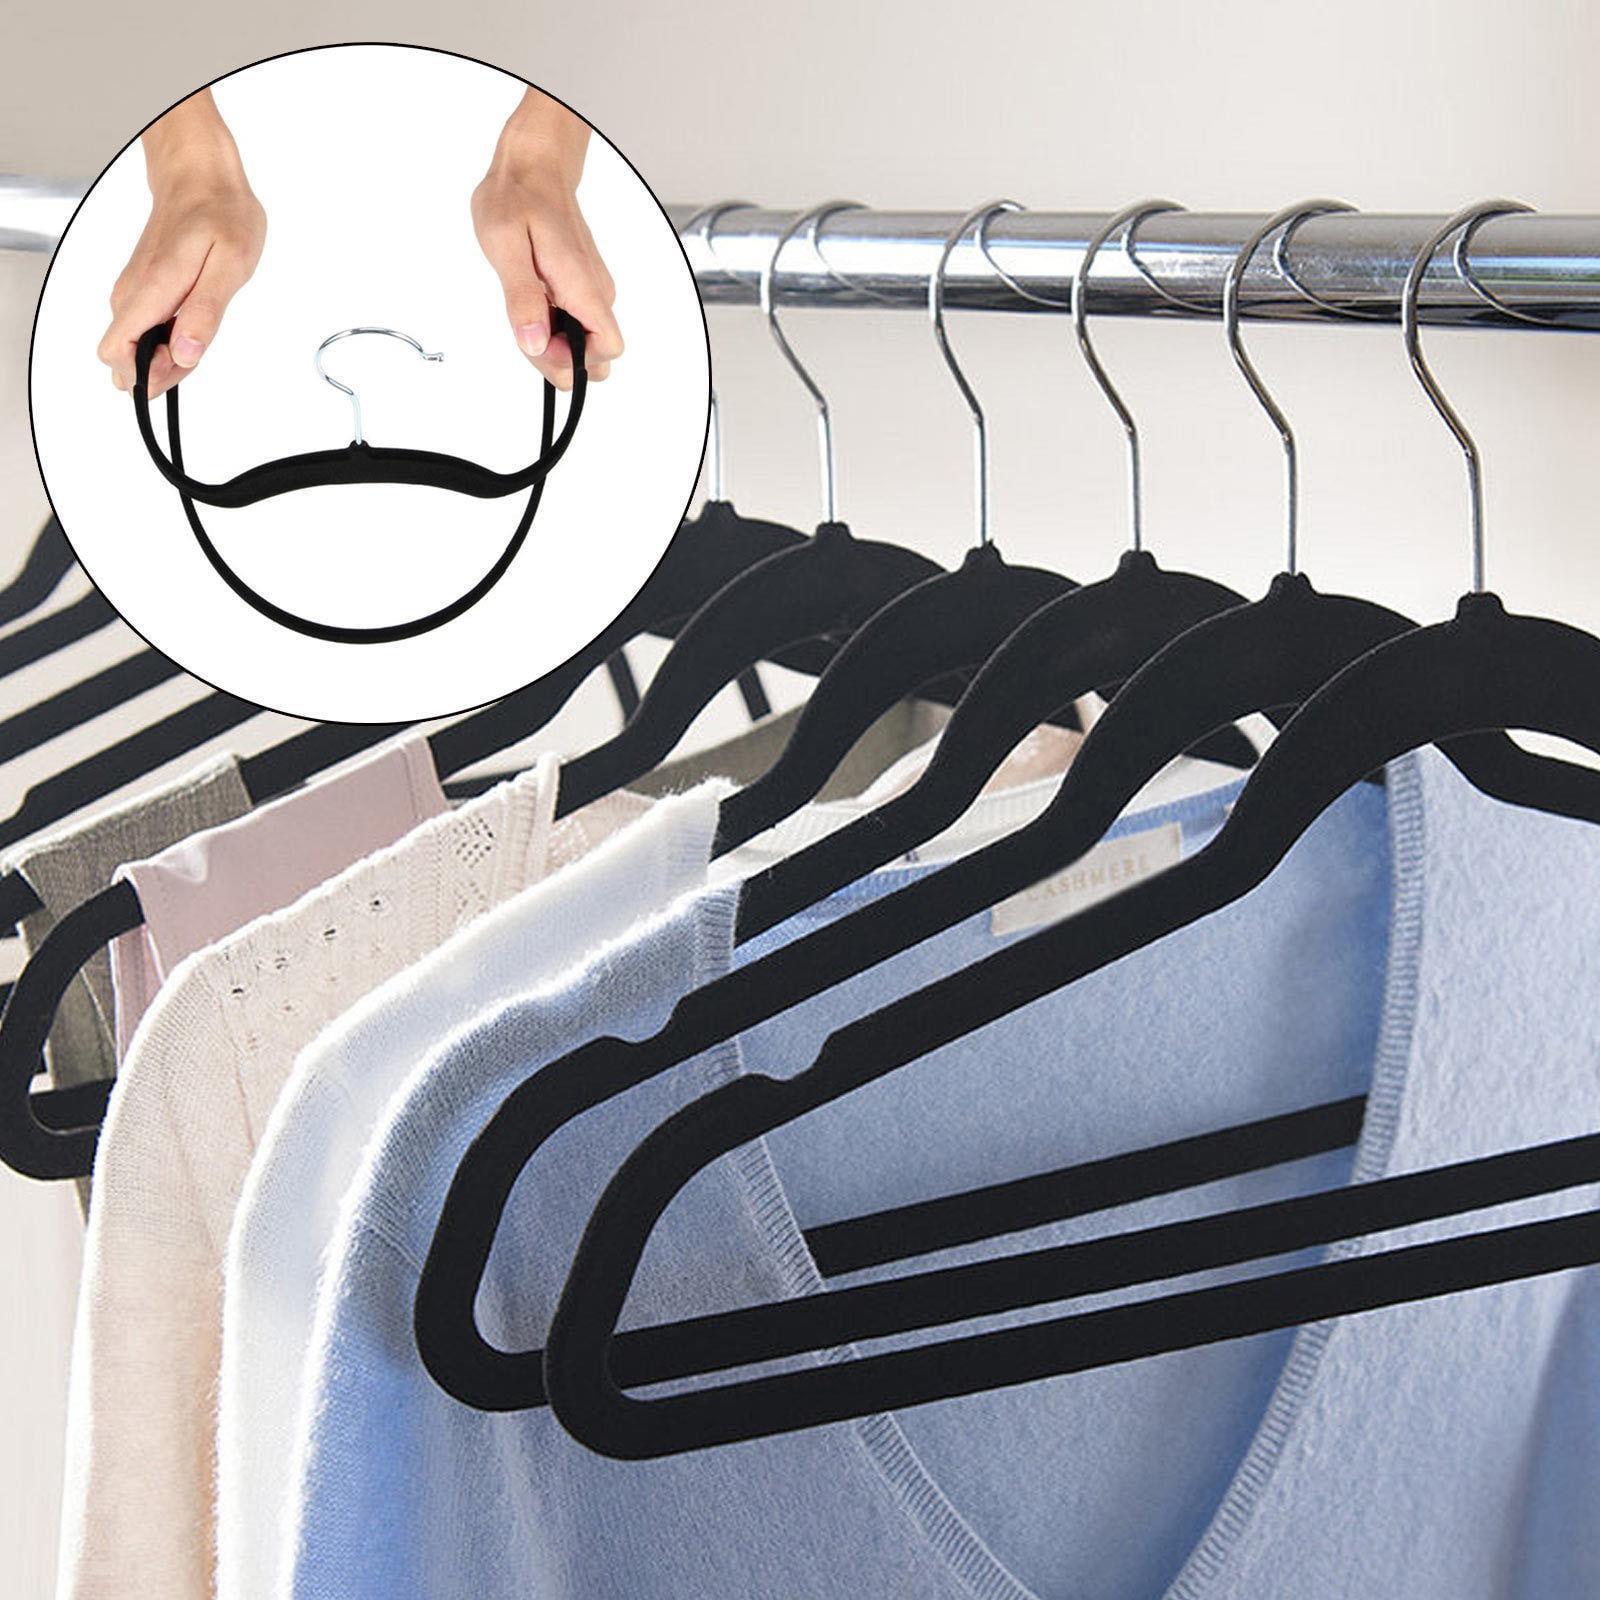 Ktaxon Premium Velvet Suit Clothes Hangers 10 Pack Heavy Duty Non Slip Black by Utopia